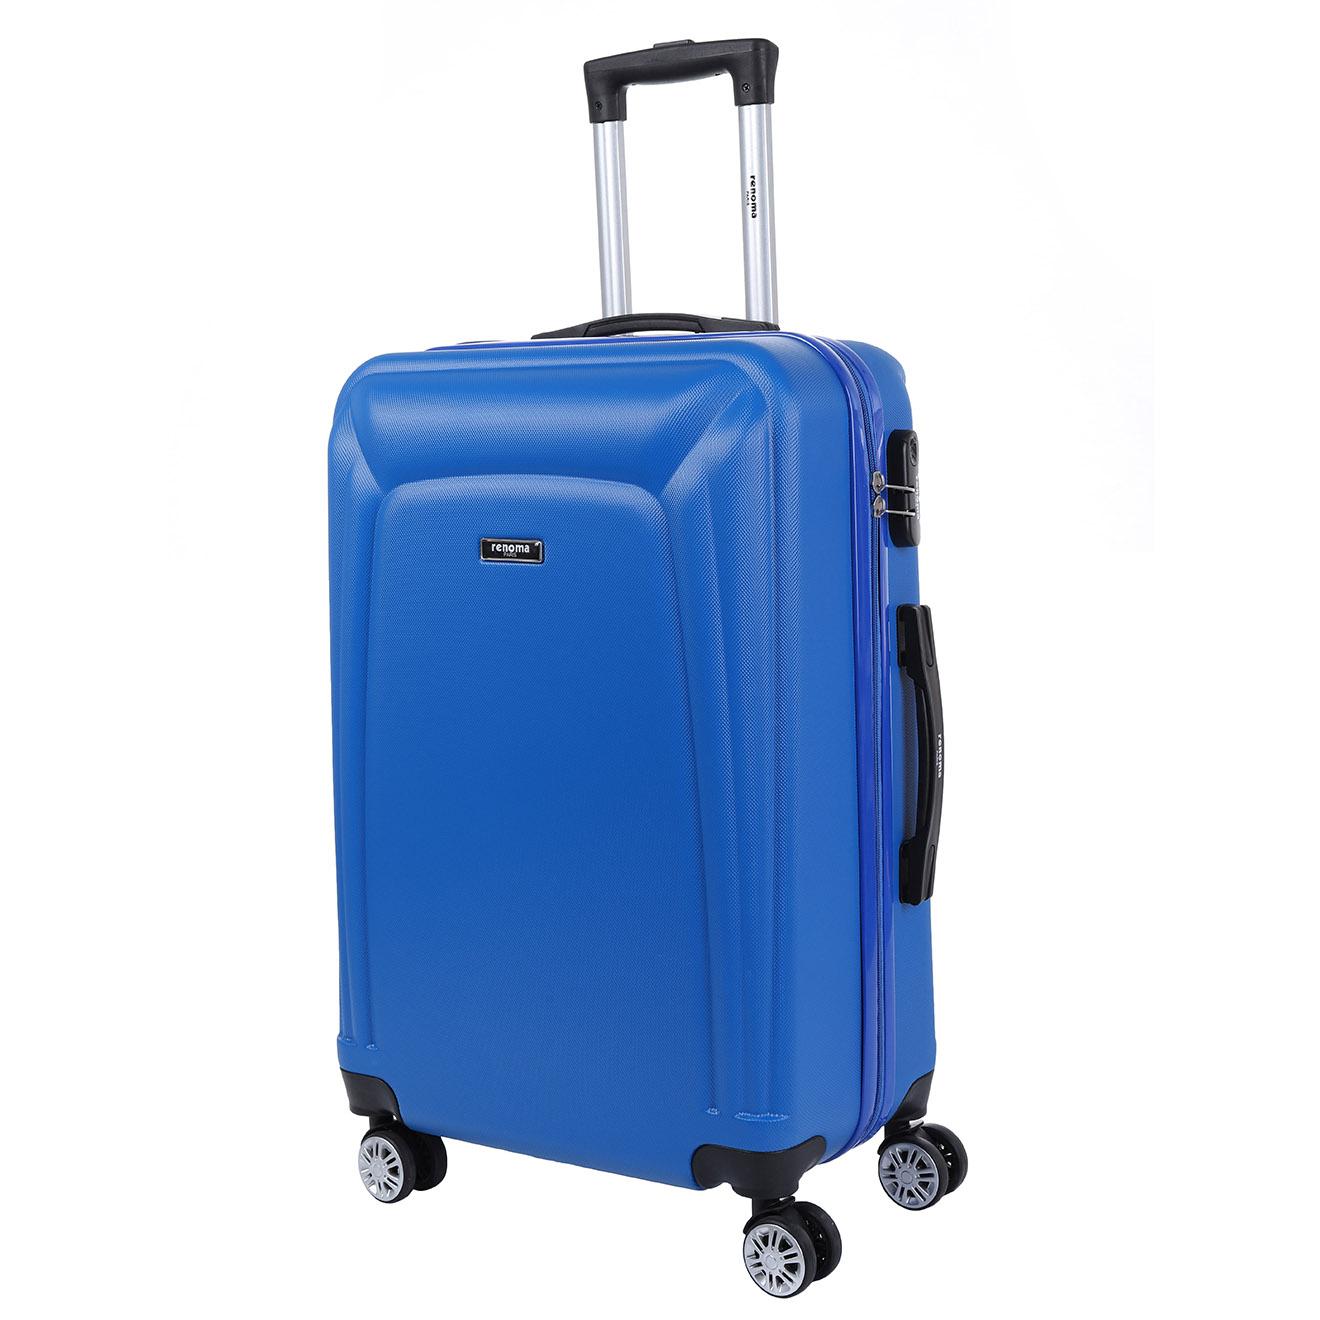 Valise Long Séjour 8 roues Firth 76 cm bleue